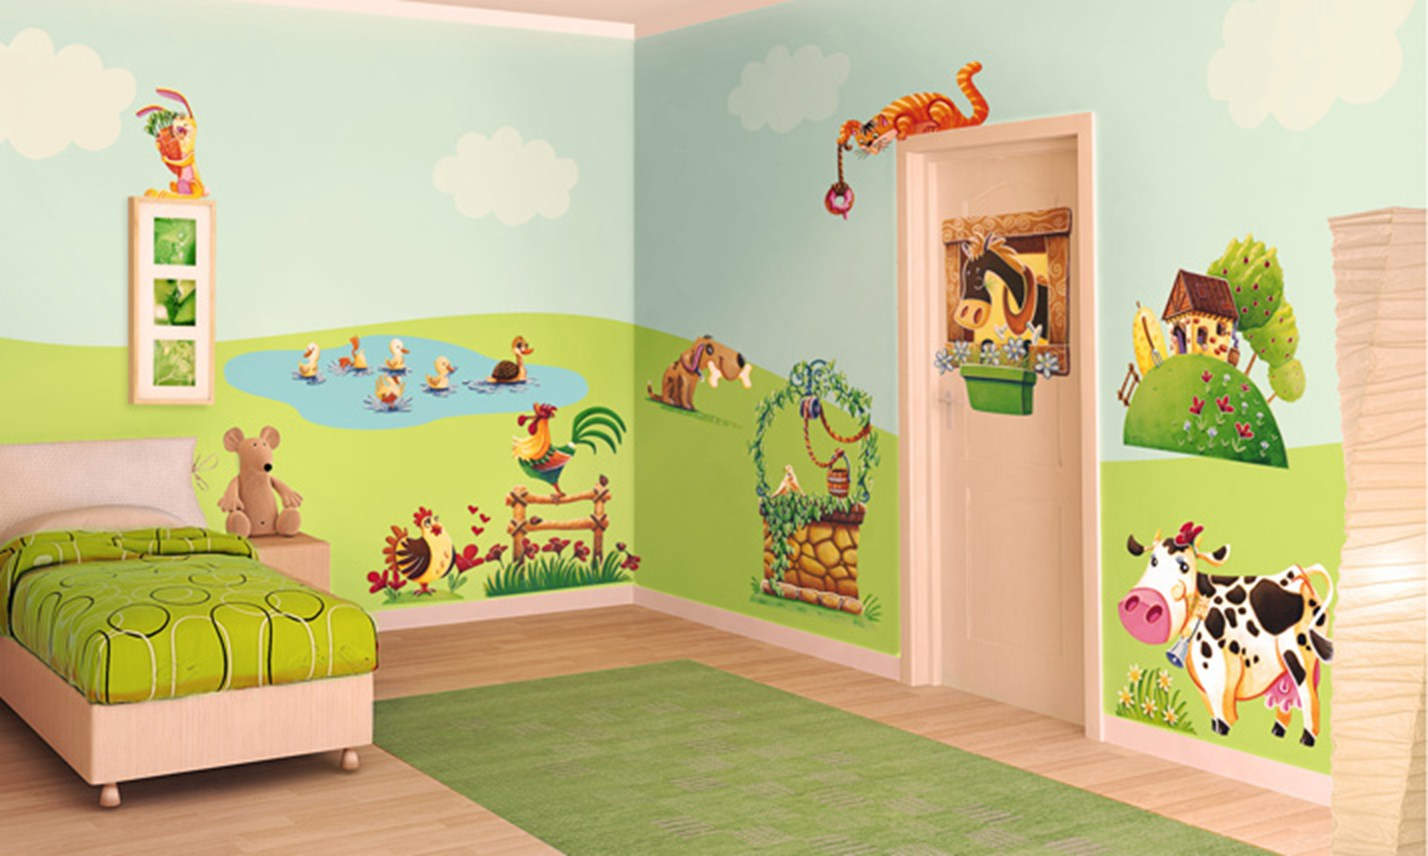 Perfect decora le pareti della stanza del tuo bambino con for Adesivi murali x bambini